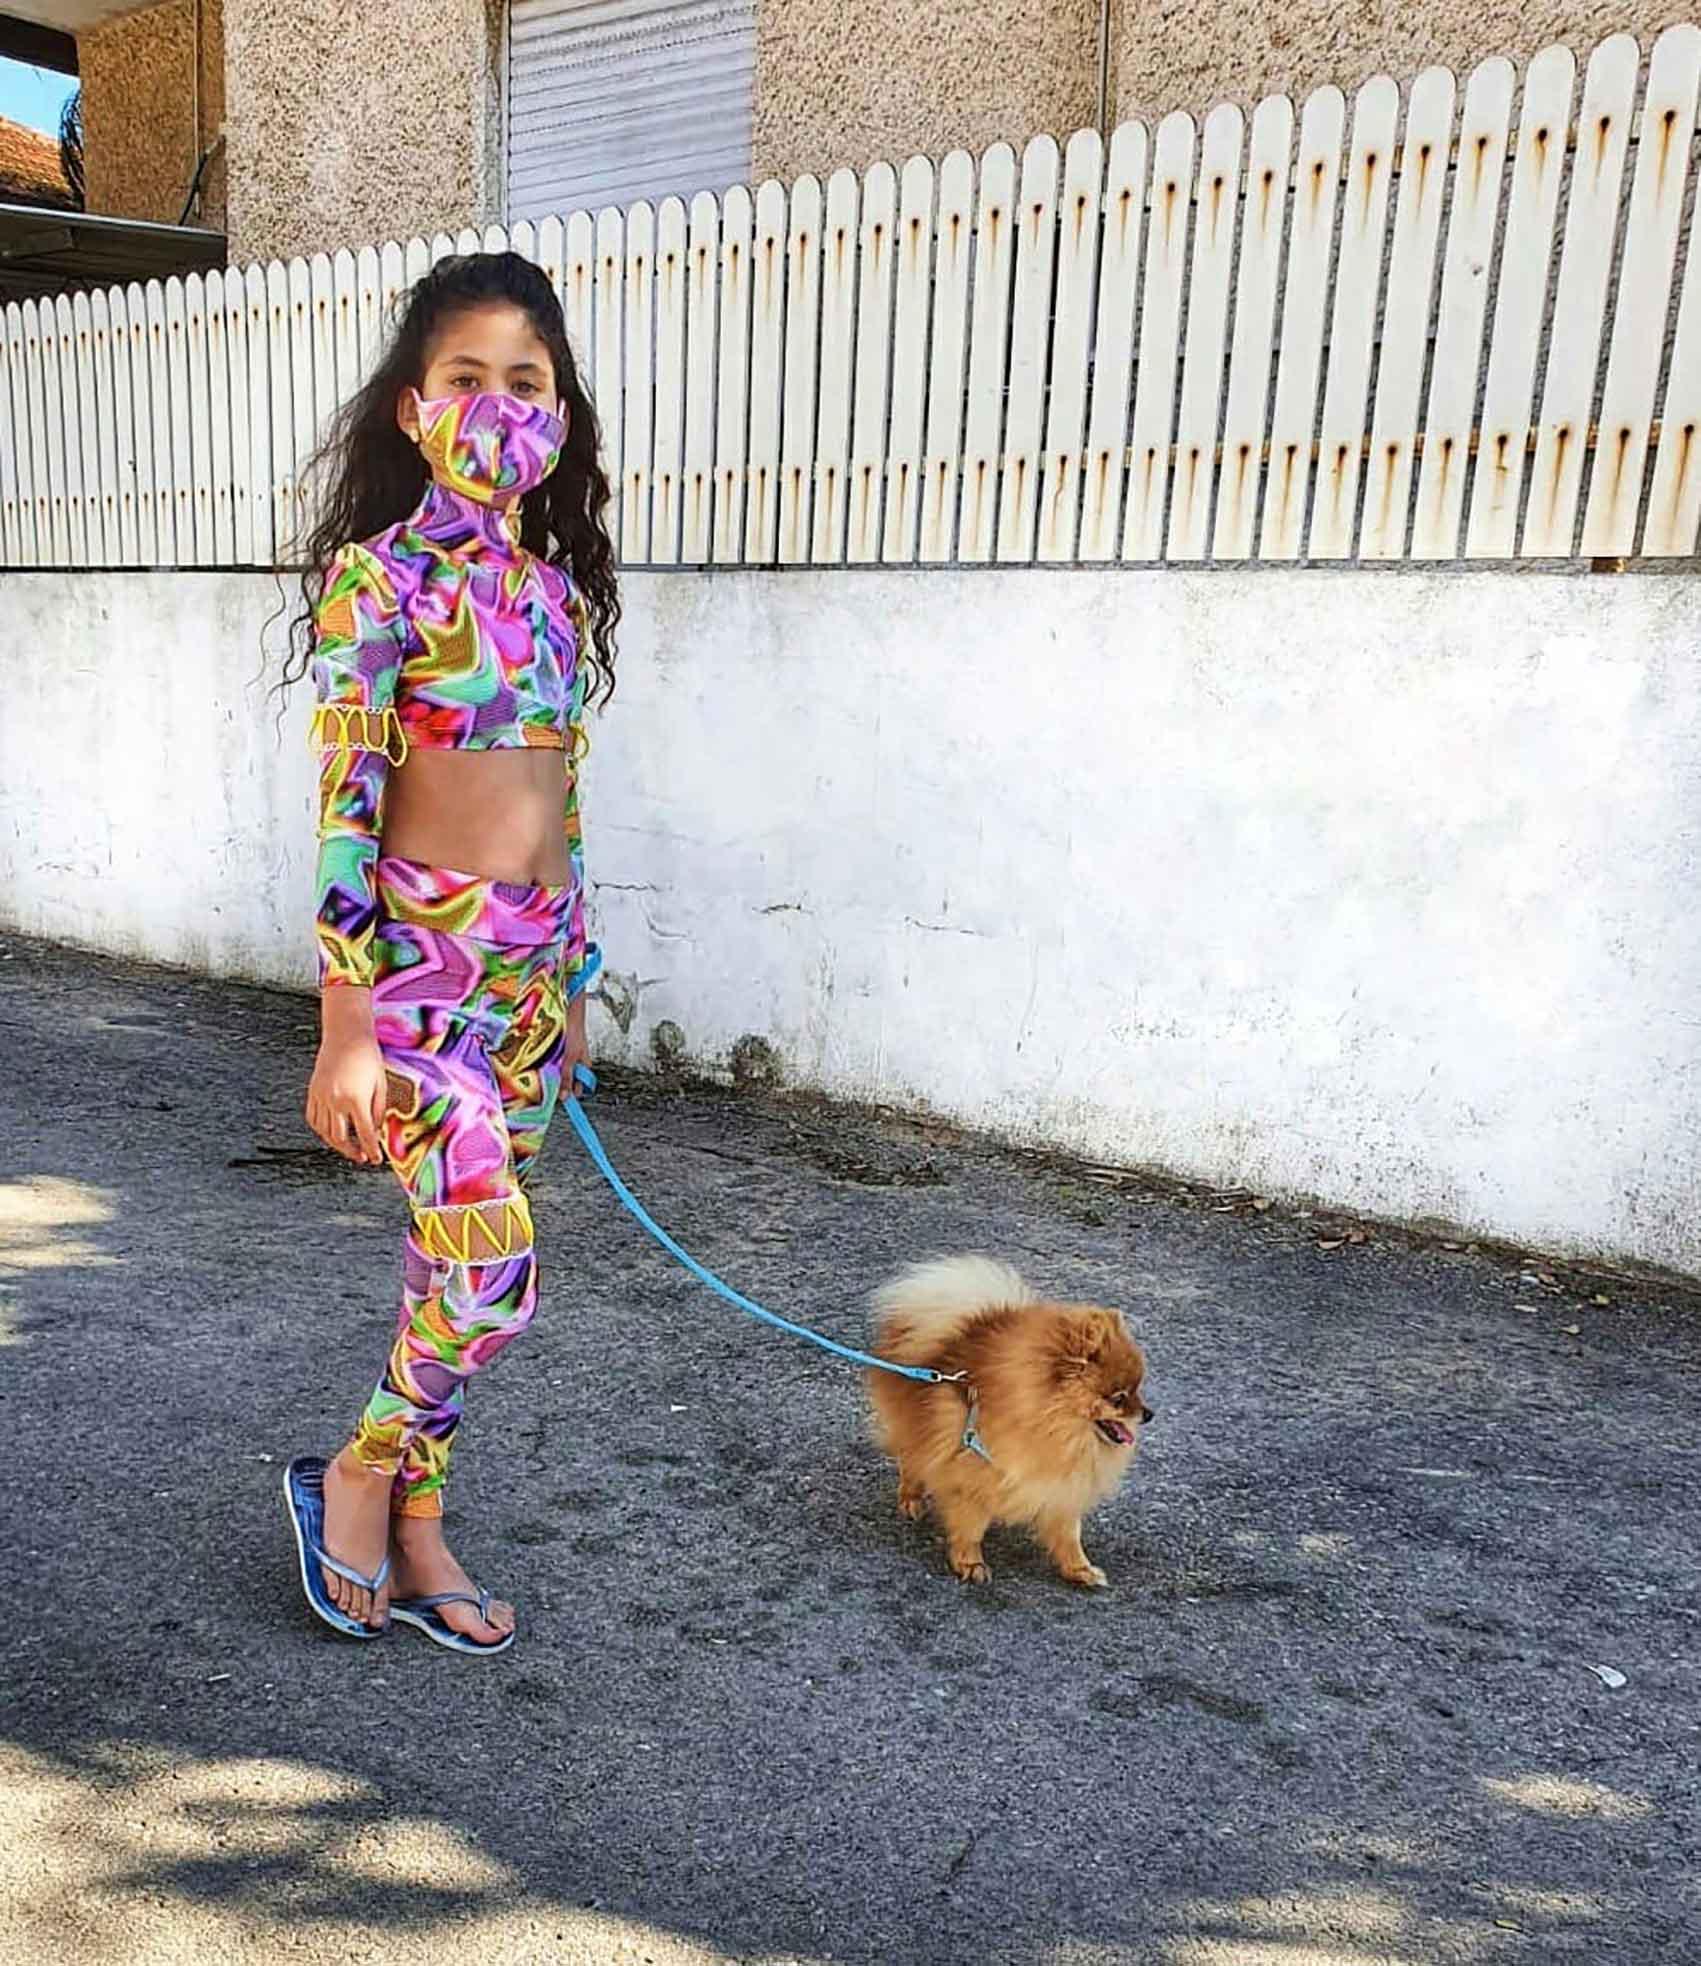 חיה נחשונוב_מסכה_קורונה_מגזין אופנה_82